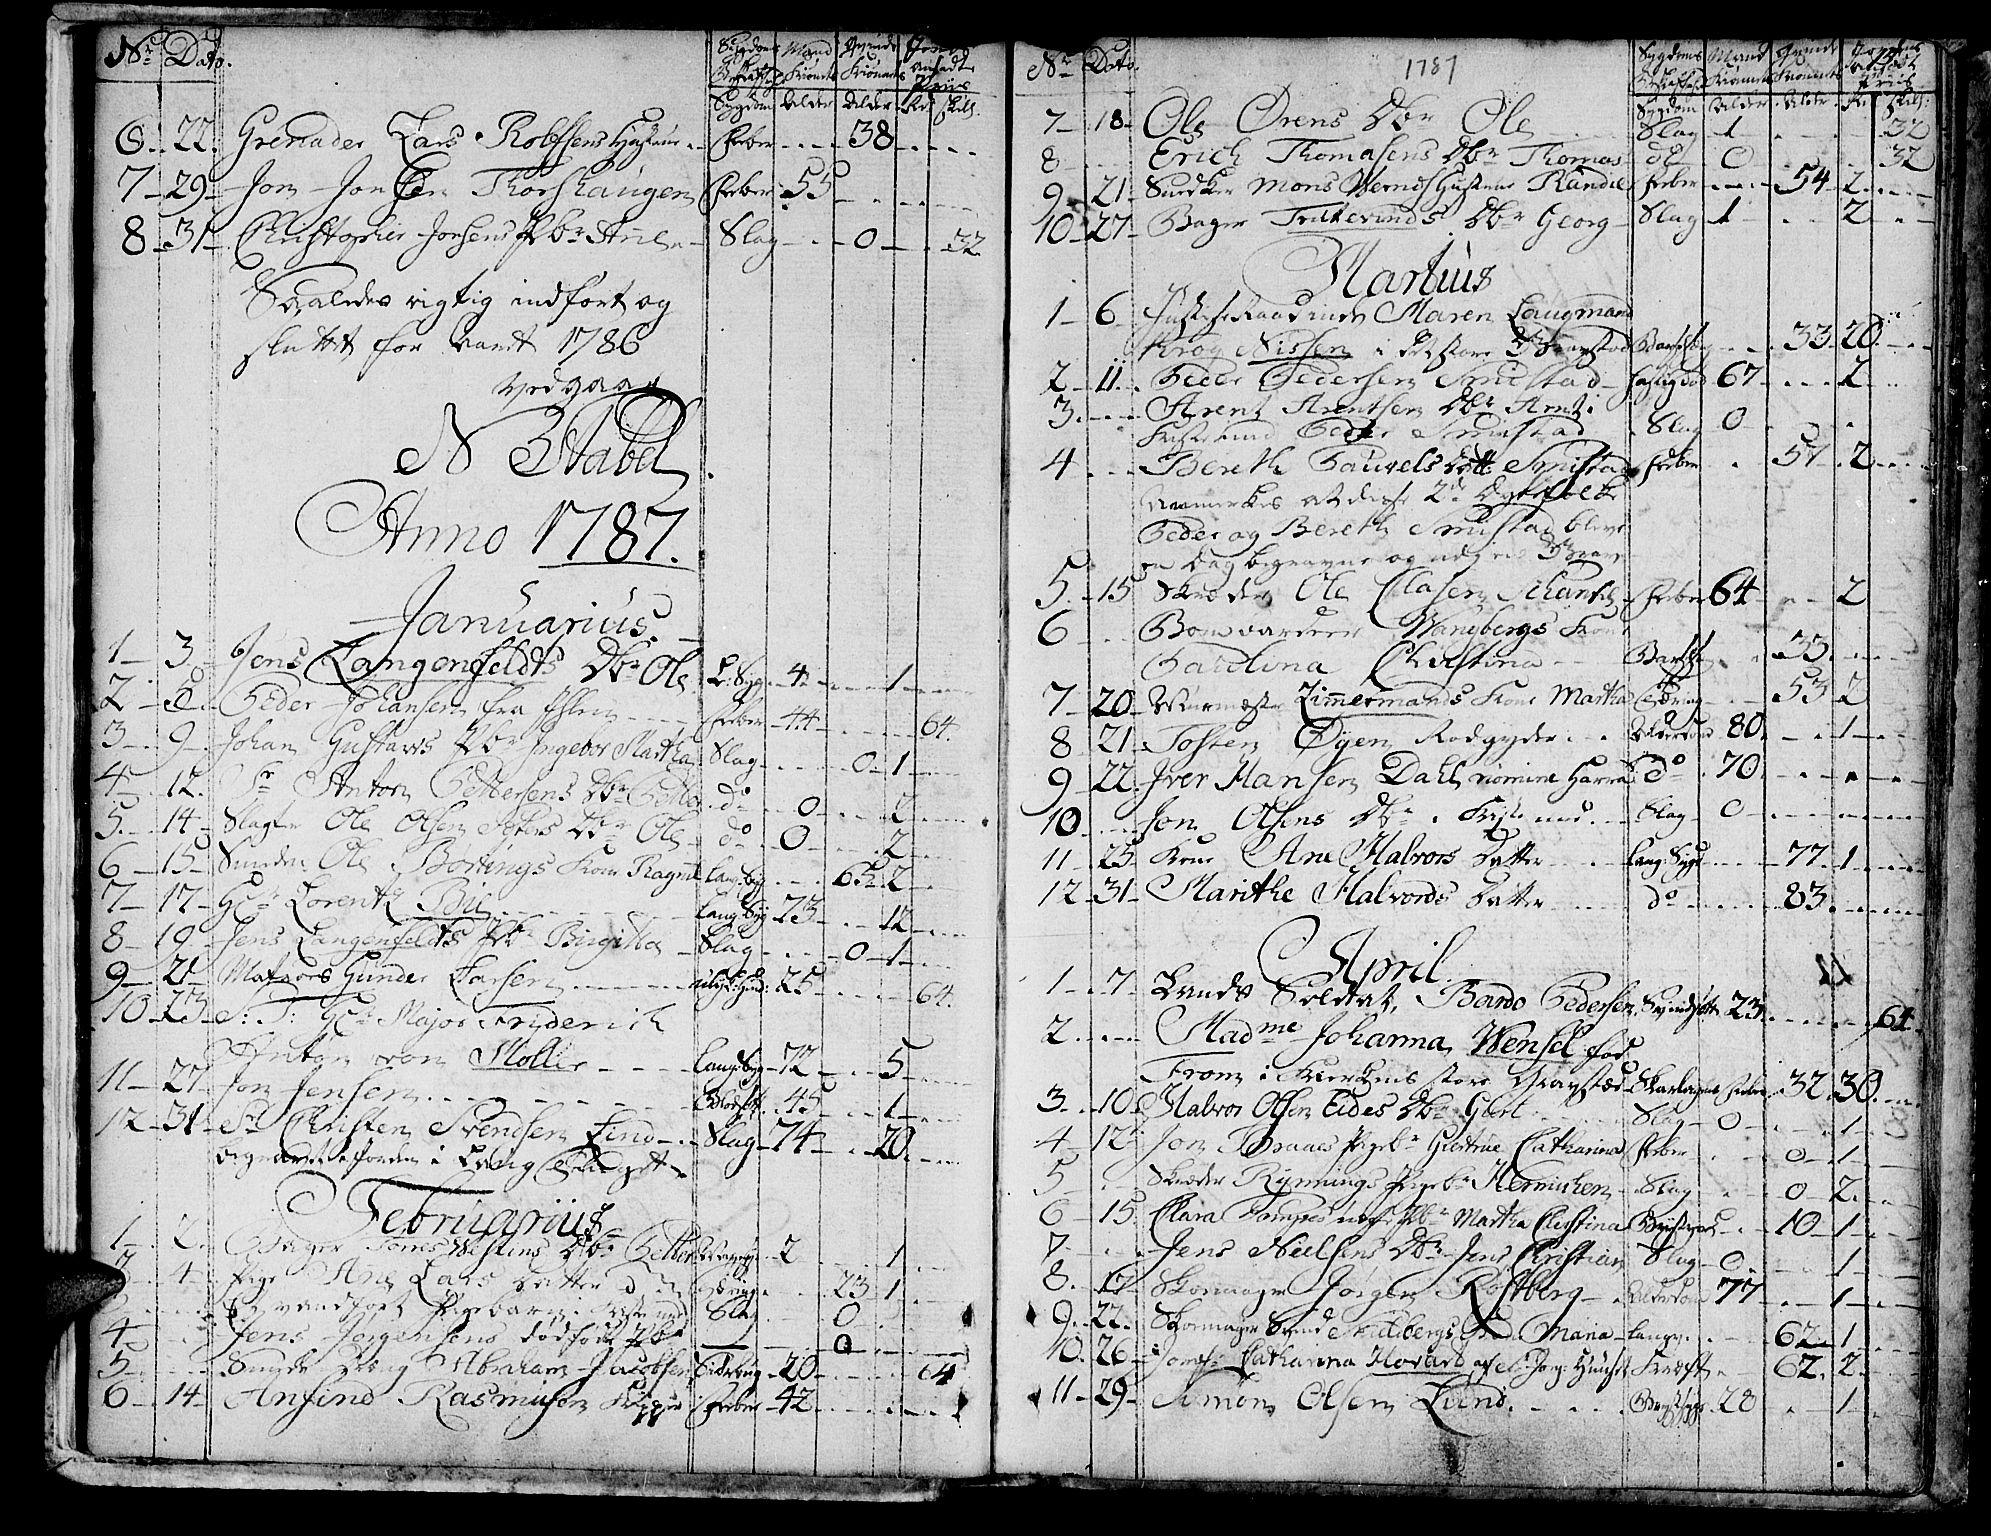 SAT, Ministerialprotokoller, klokkerbøker og fødselsregistre - Sør-Trøndelag, 601/L0040: Ministerialbok nr. 601A08, 1783-1818, s. 15